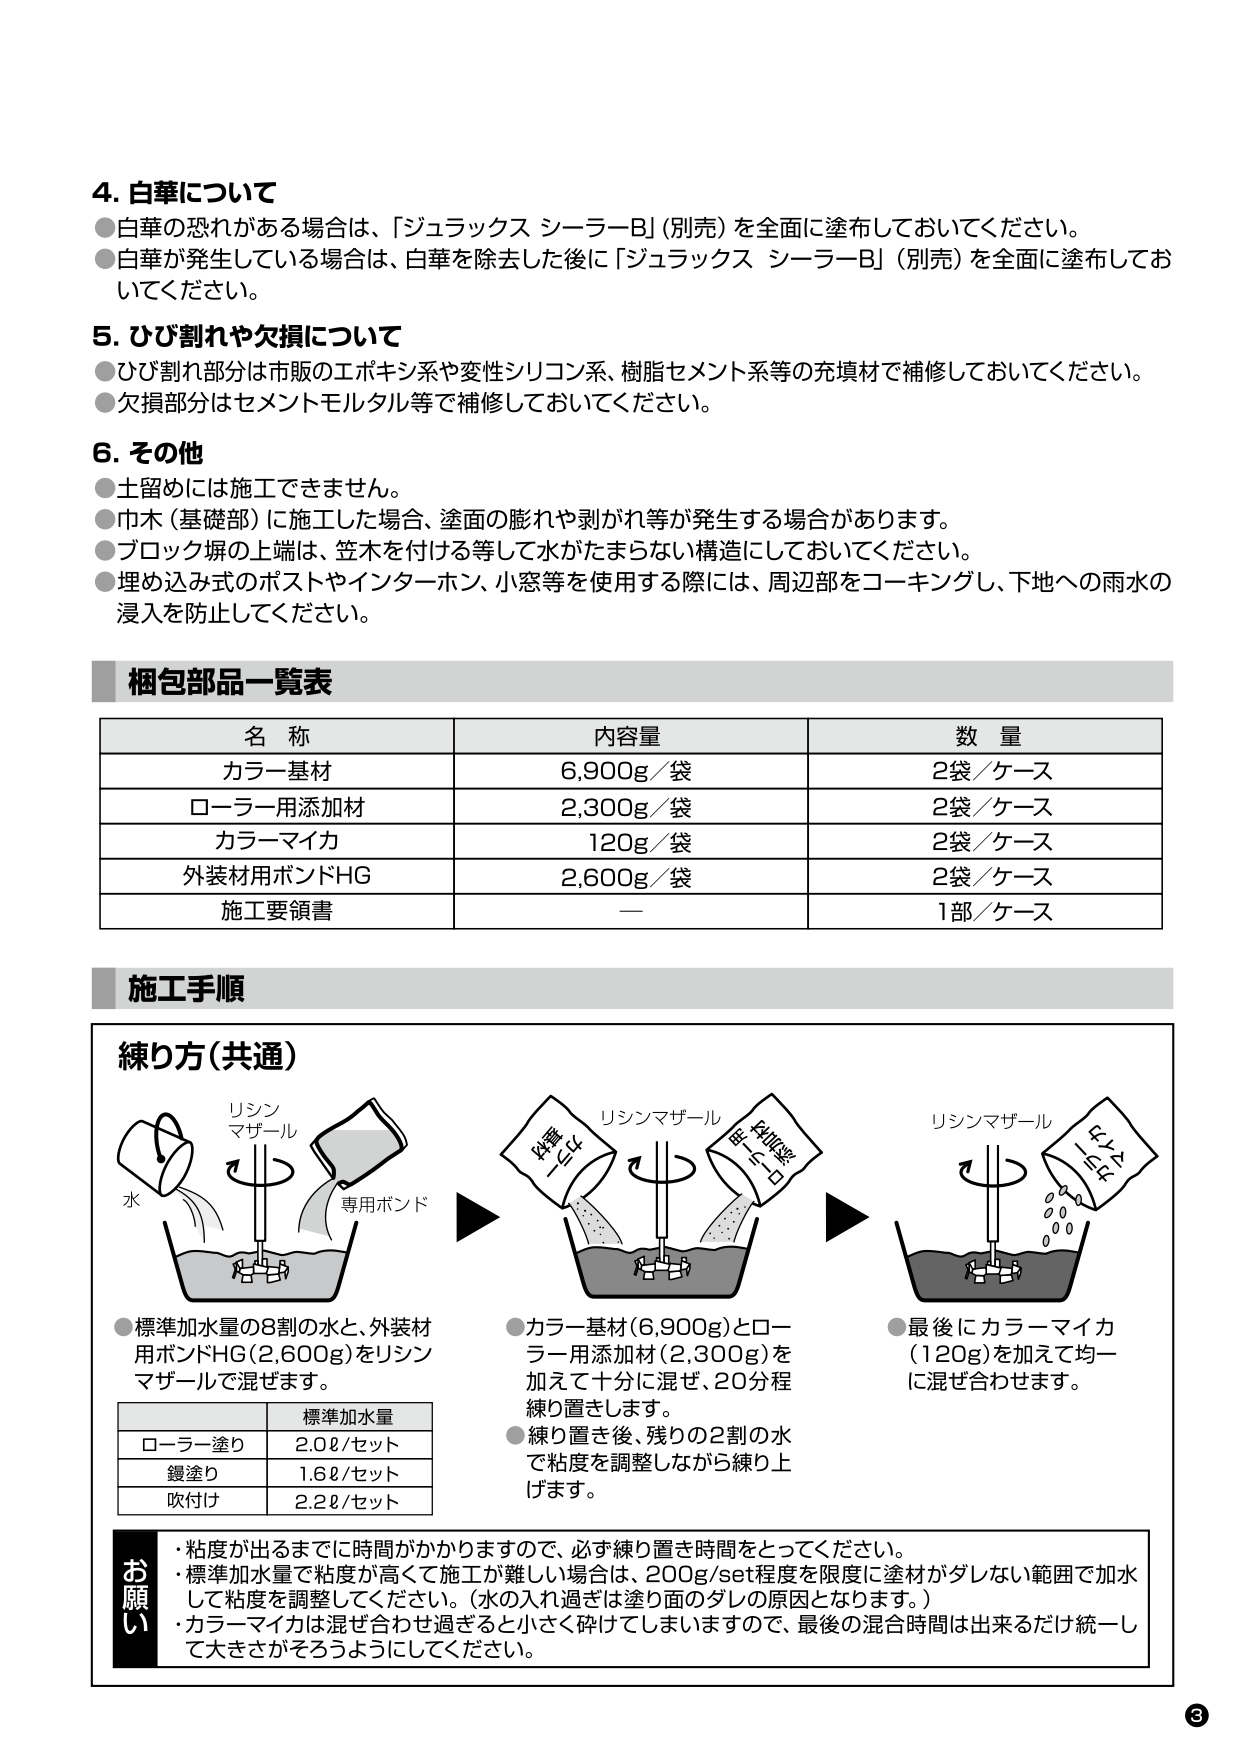 パレットCXローラー塗りタイプ 施工要領書_page-0003